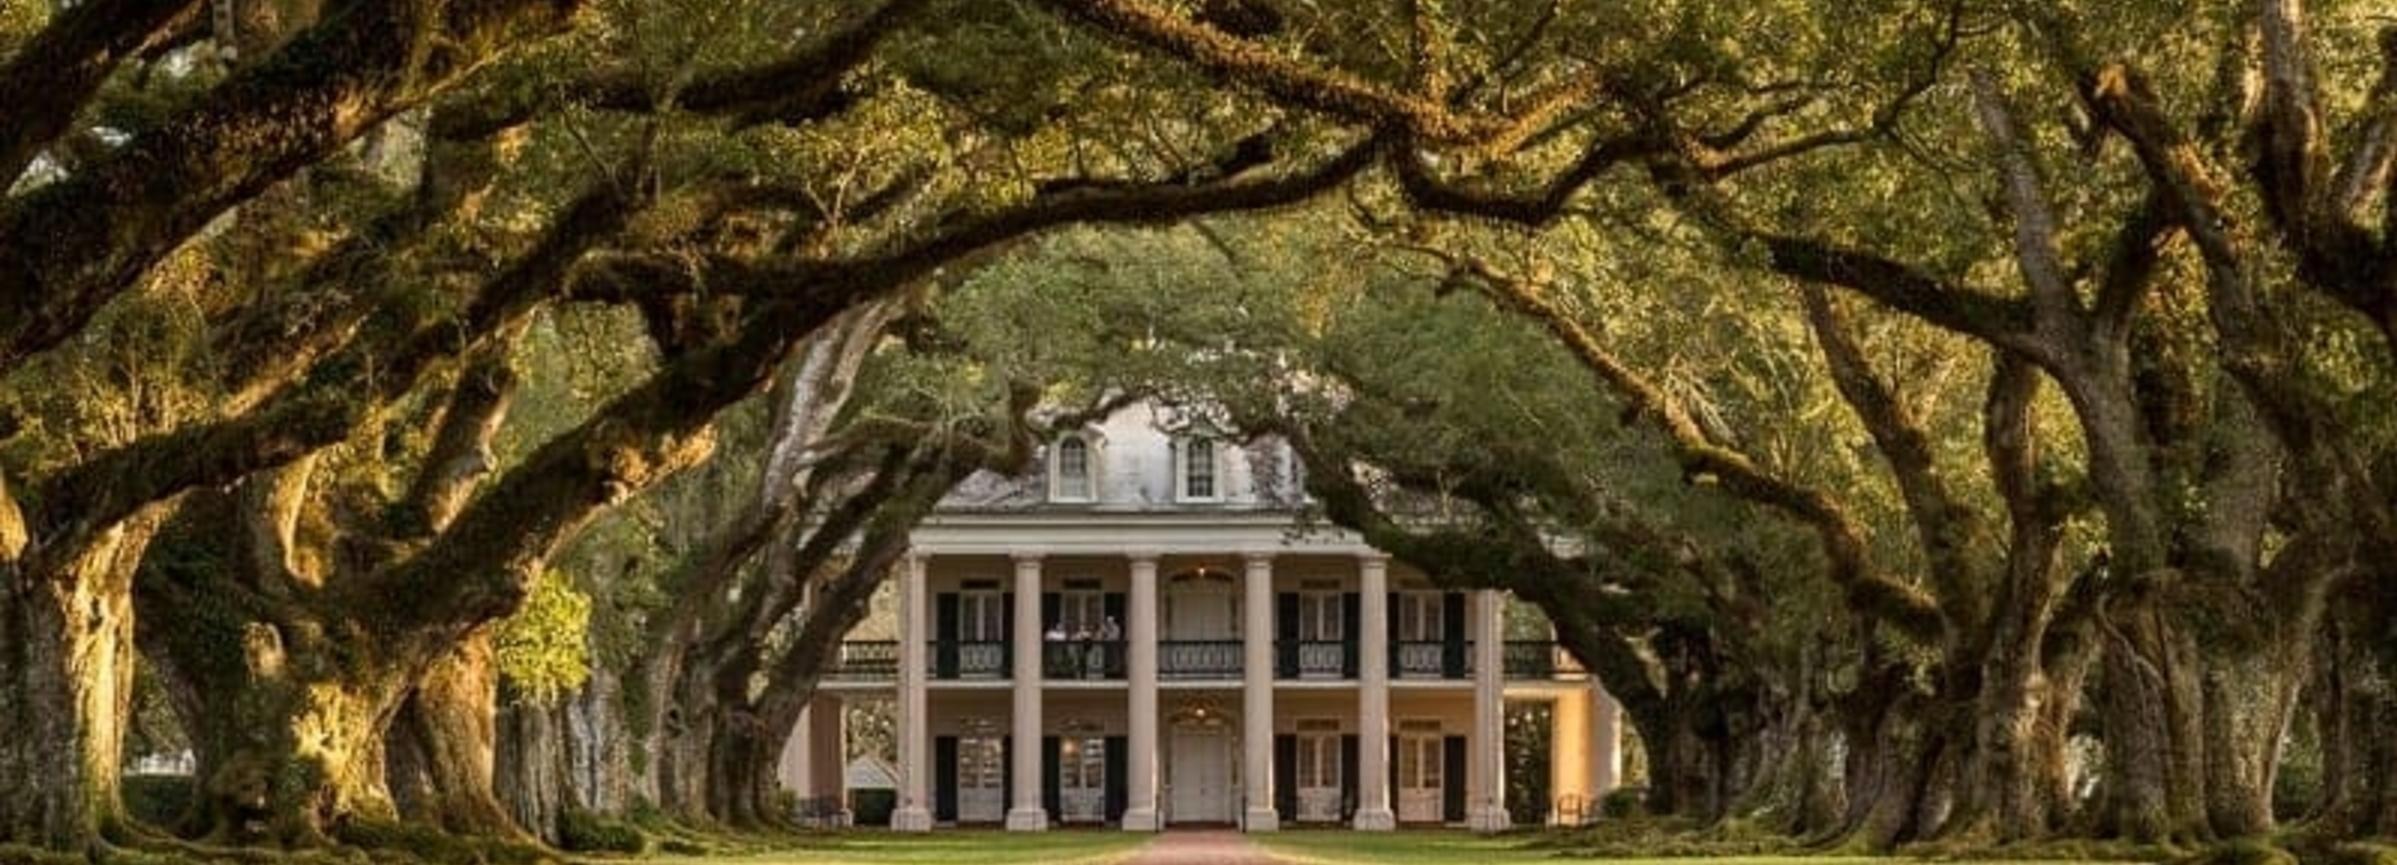 Desde Nueva Orleans: tour de la plantación de Oak Alley